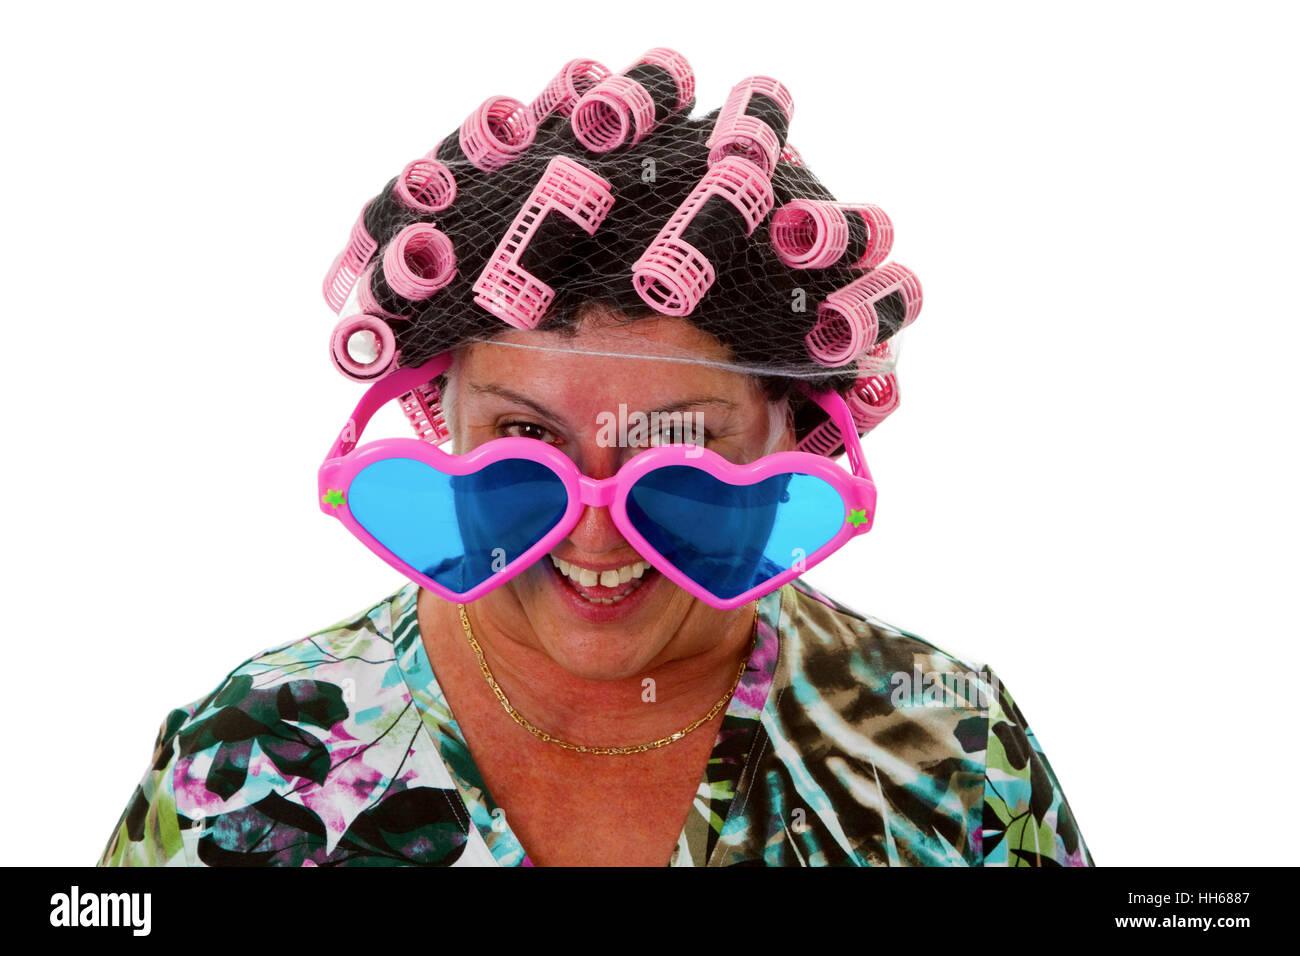 Senior femenino con funny peluca con rulos- aislado sobre fondo blanco. Imagen De Stock